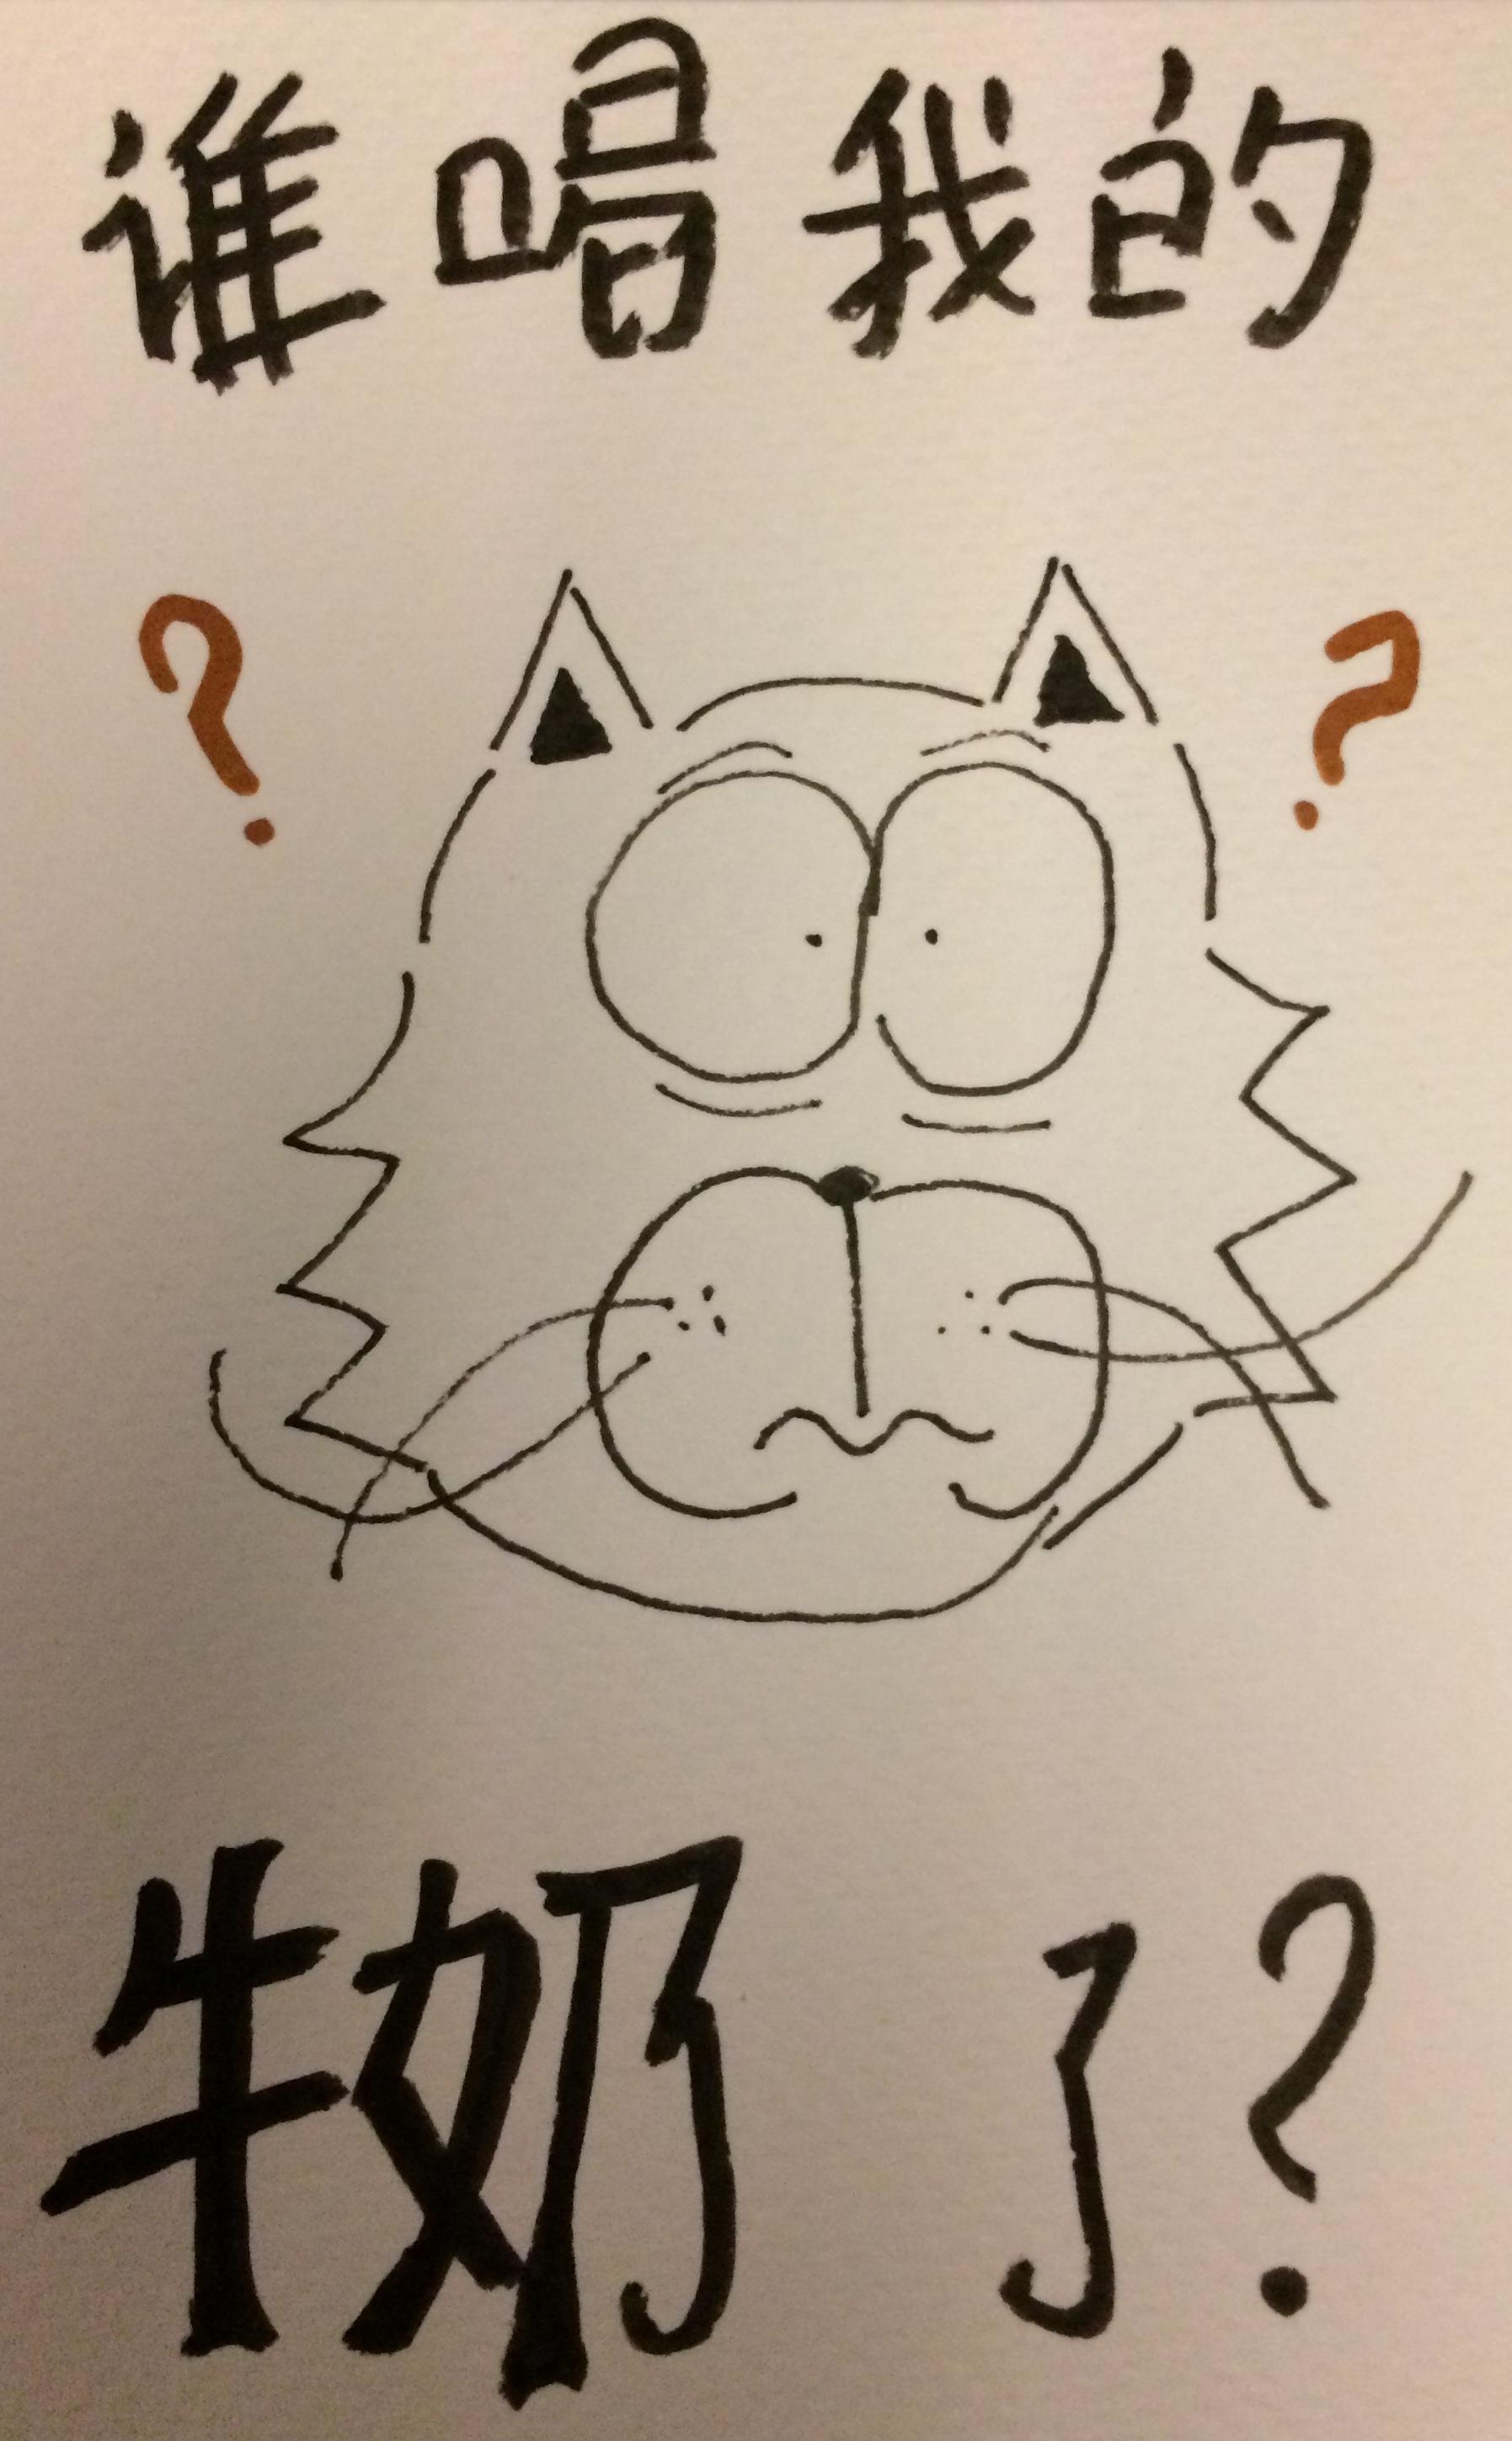 谁喝我的牛奶了 かわいい ドイツ語 仔猫 描く コミックス comics kitten kätzchen drawing ink